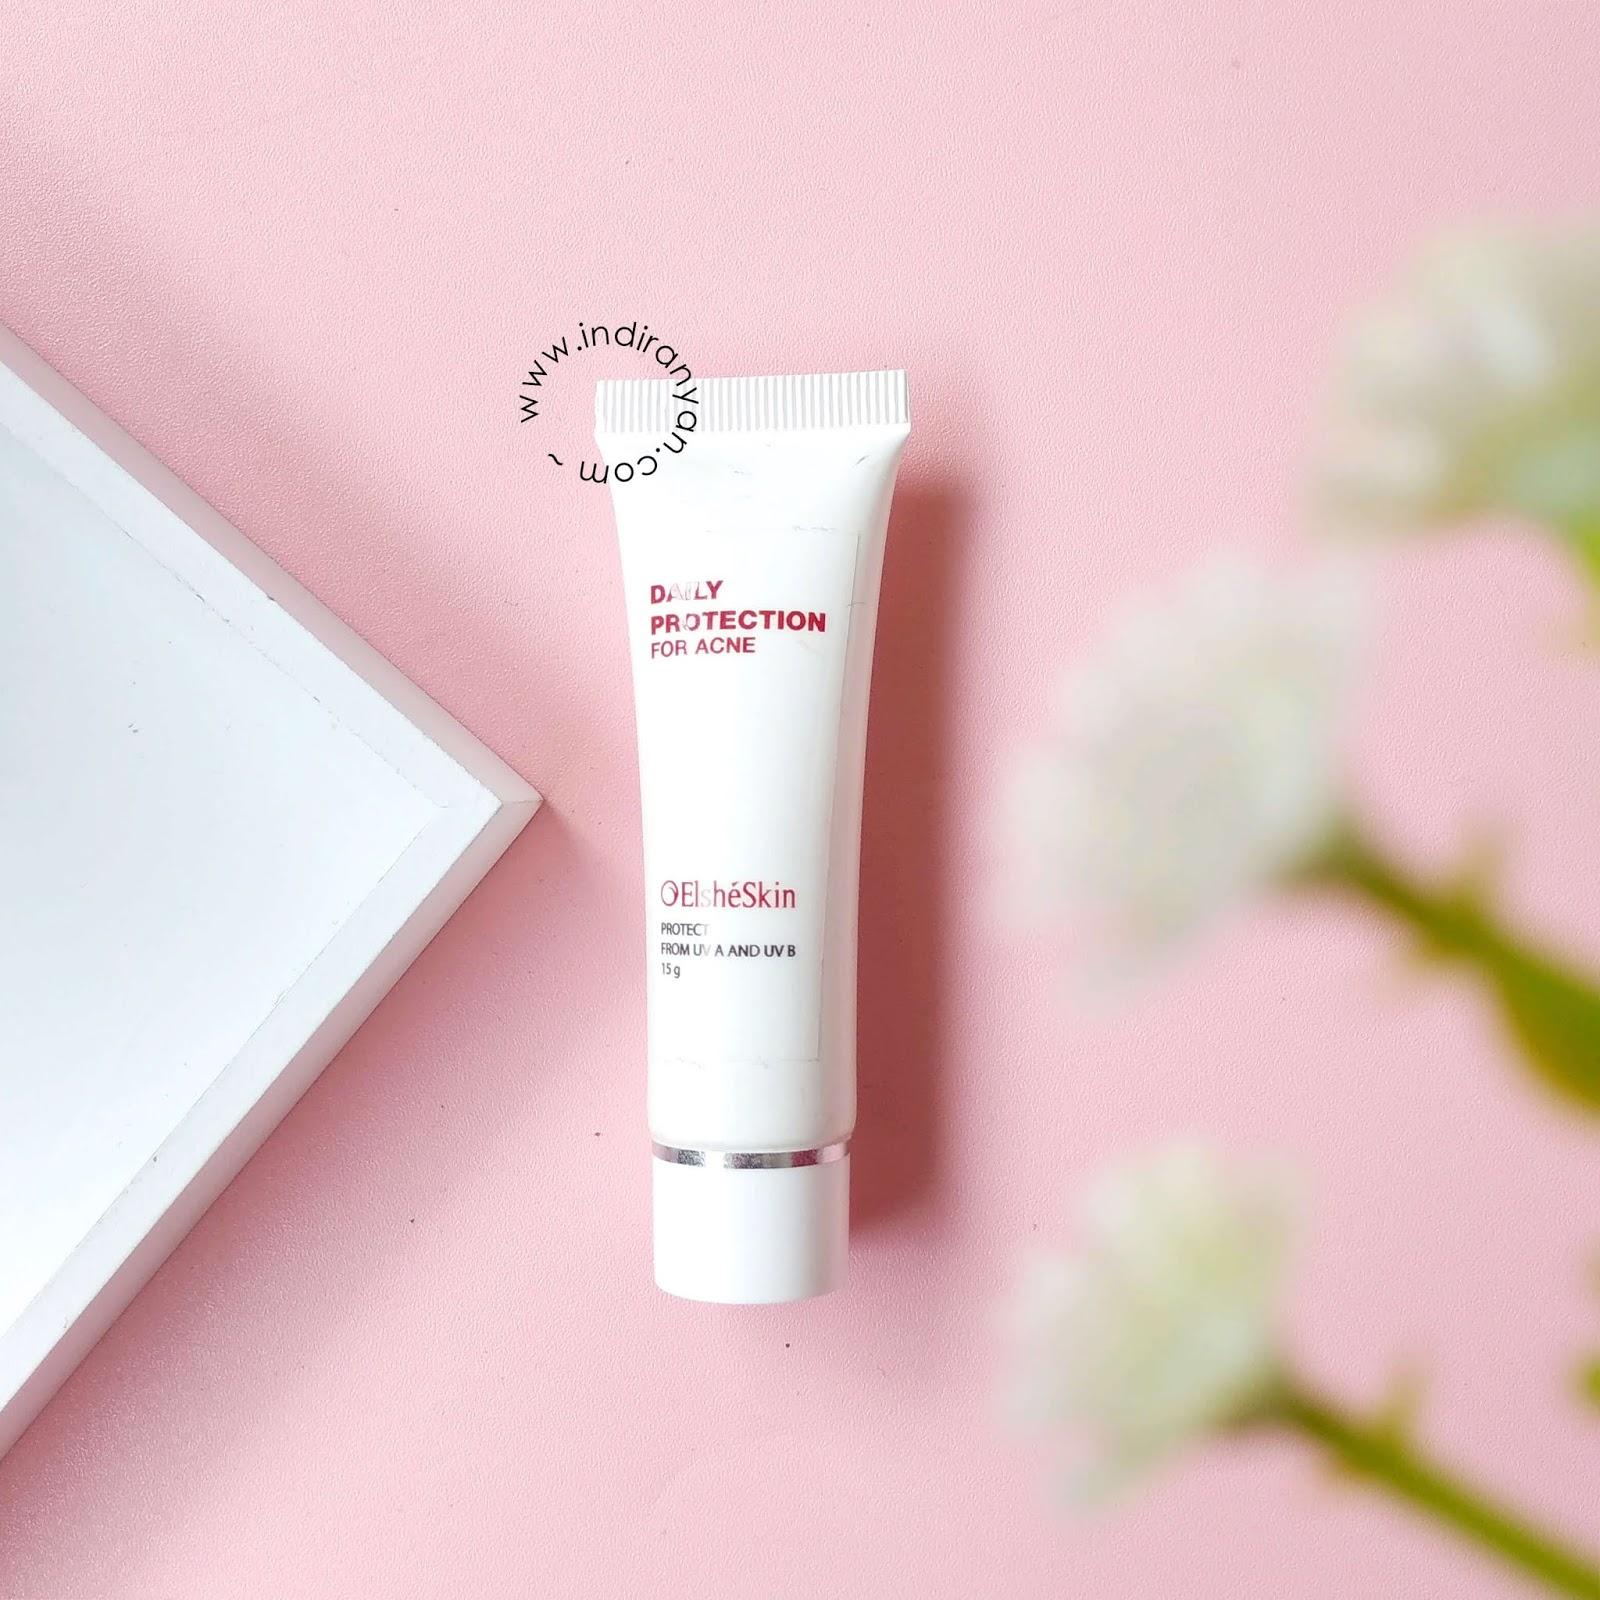 sunscreen-elsheskin, elsheskin-daily-protection-for-acne-skin, review-elsheskin, elsheskin-untuk-kulit-berjerawat, elsheskin-acne-treatment-series